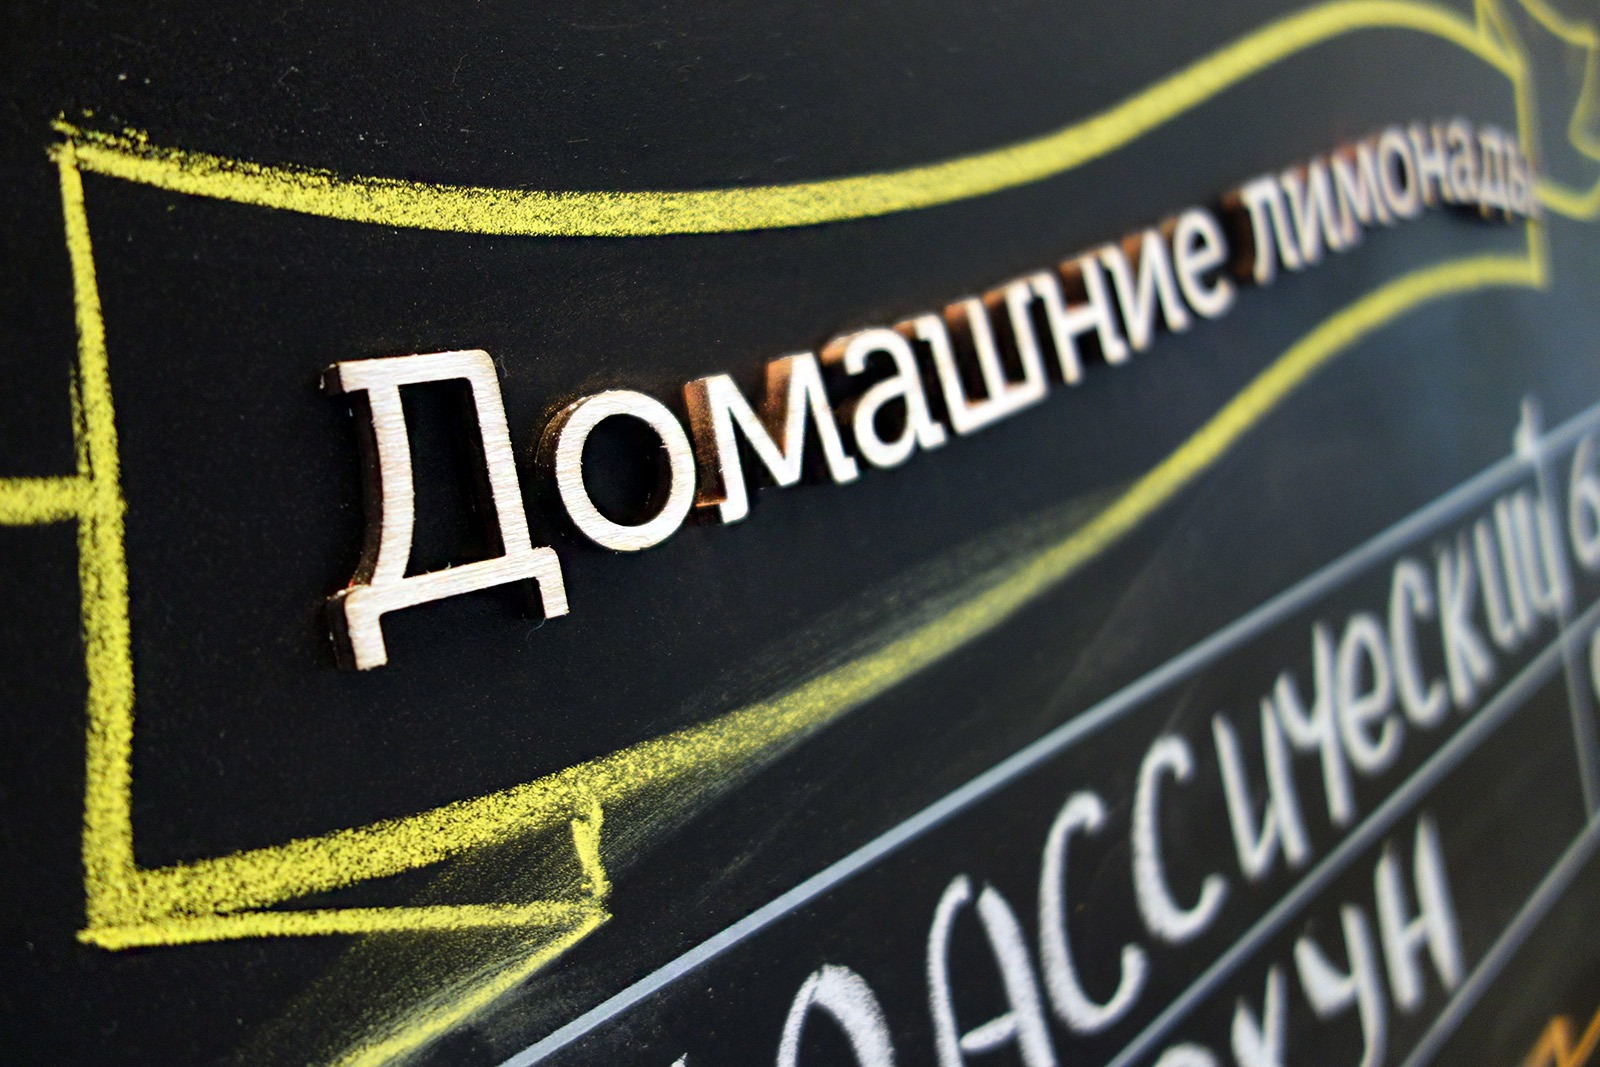 Асгард Брендинг, фирменный стиль, дизайн грифельной доски меню, ресторан Marketplace, система графической навигации, брендинг ресторана